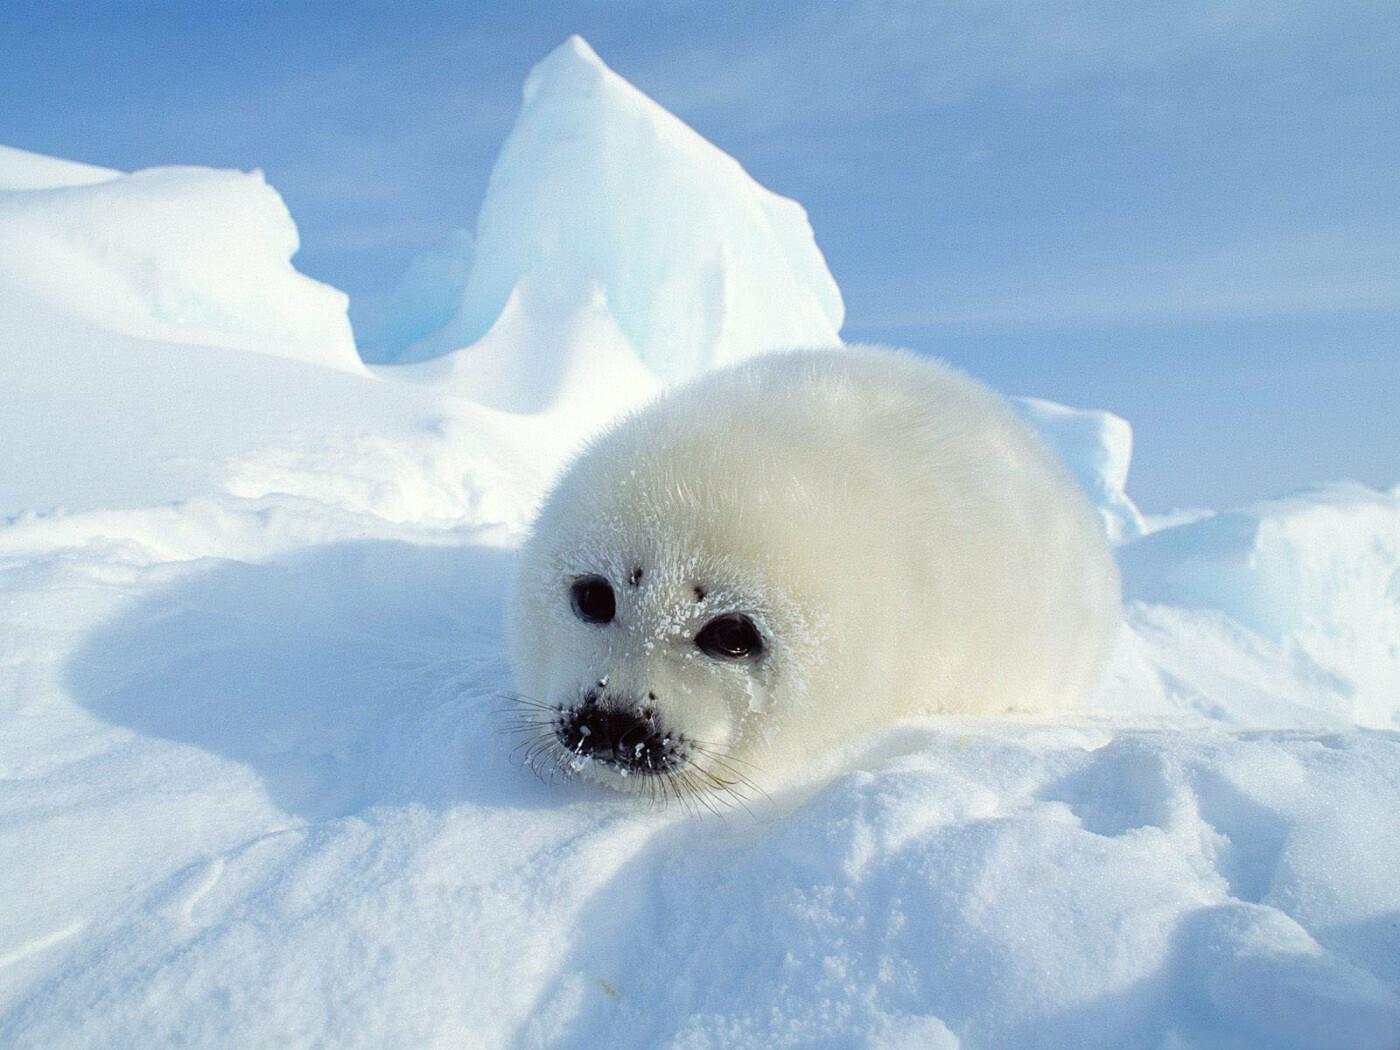 Казахстанские учёные смогут со спутника отследить пути миграции тюленей на Каспии, фото-2